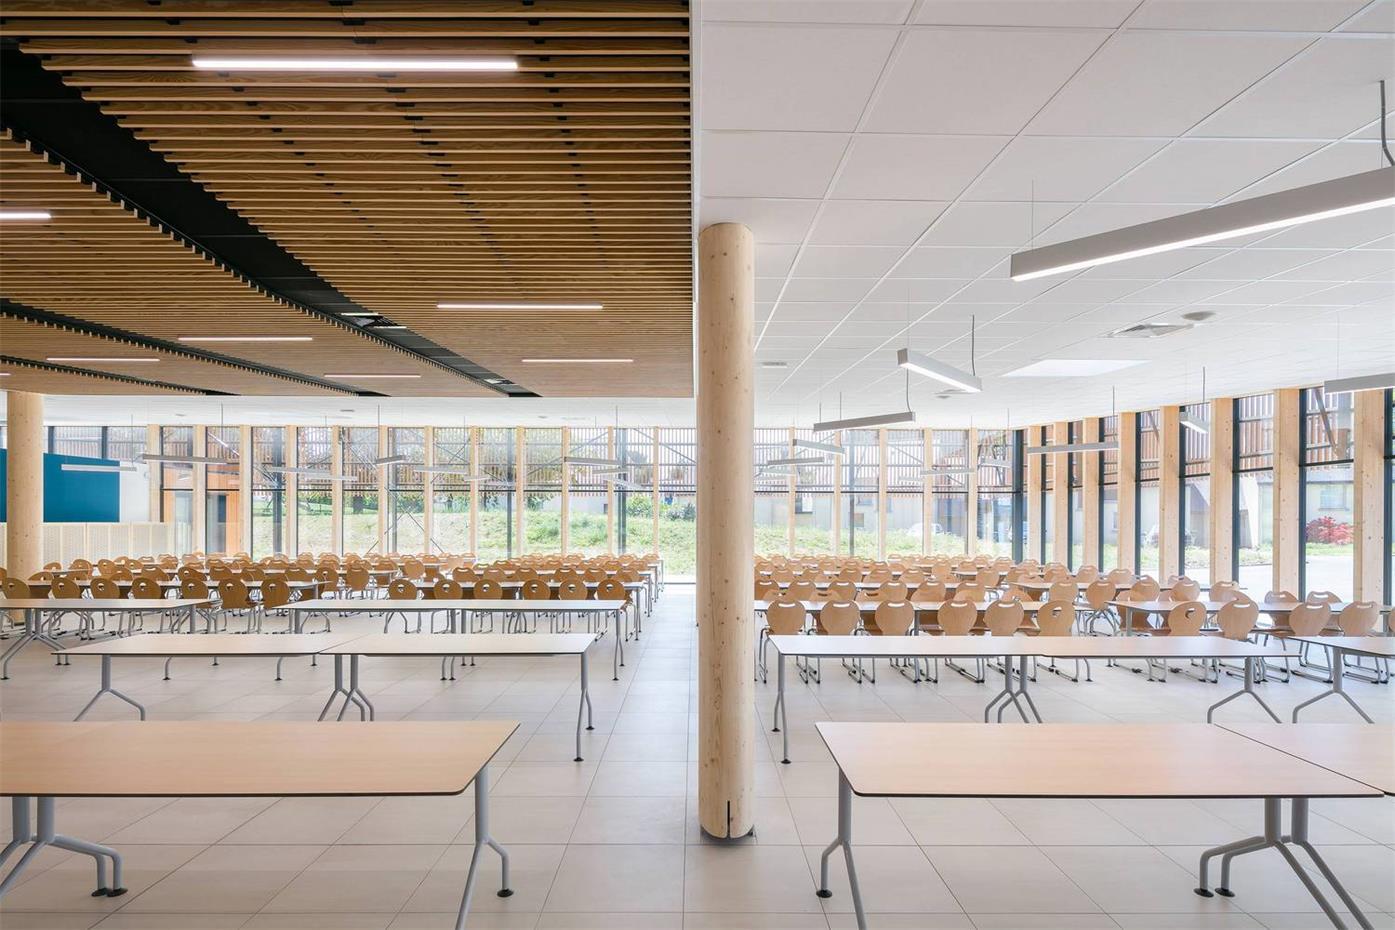 学校食堂内部设计概览